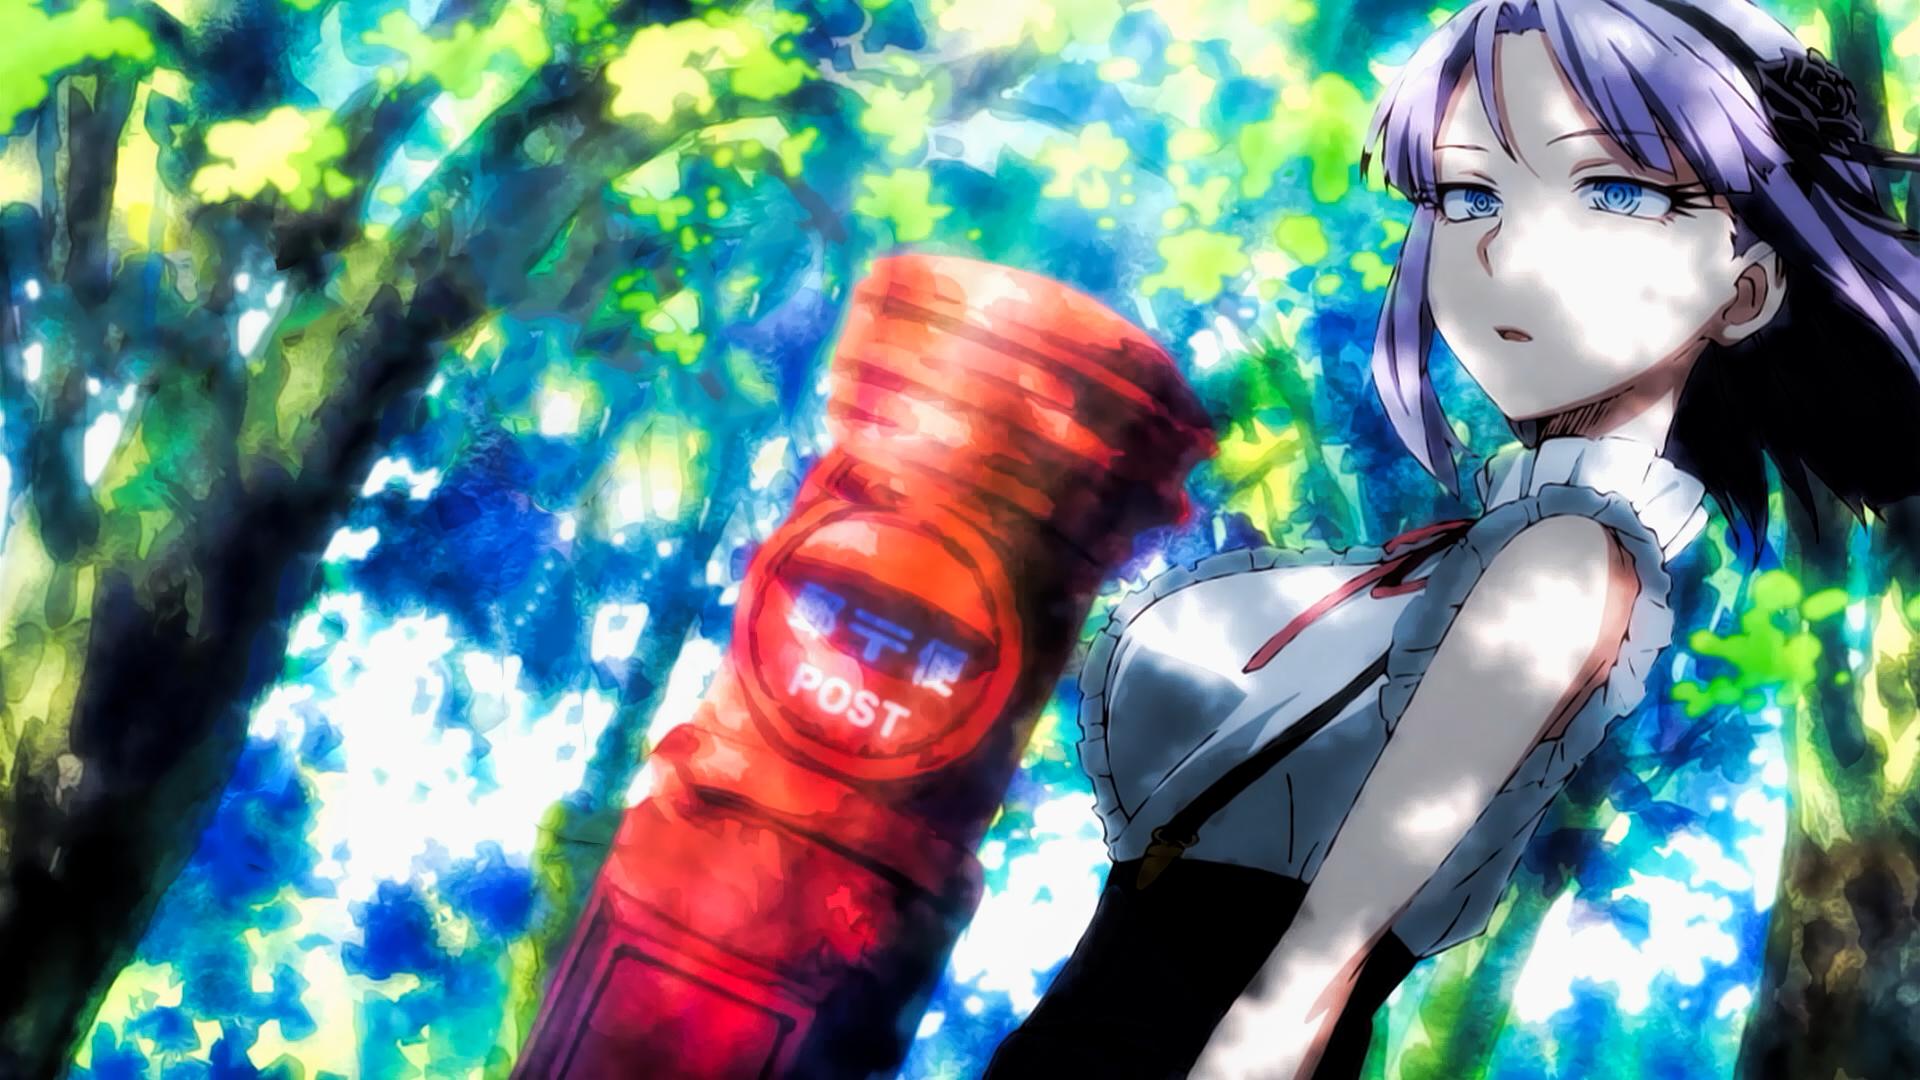 Anime Dagashi Kashi Shidare Hotaru Wallpaper Dibujos